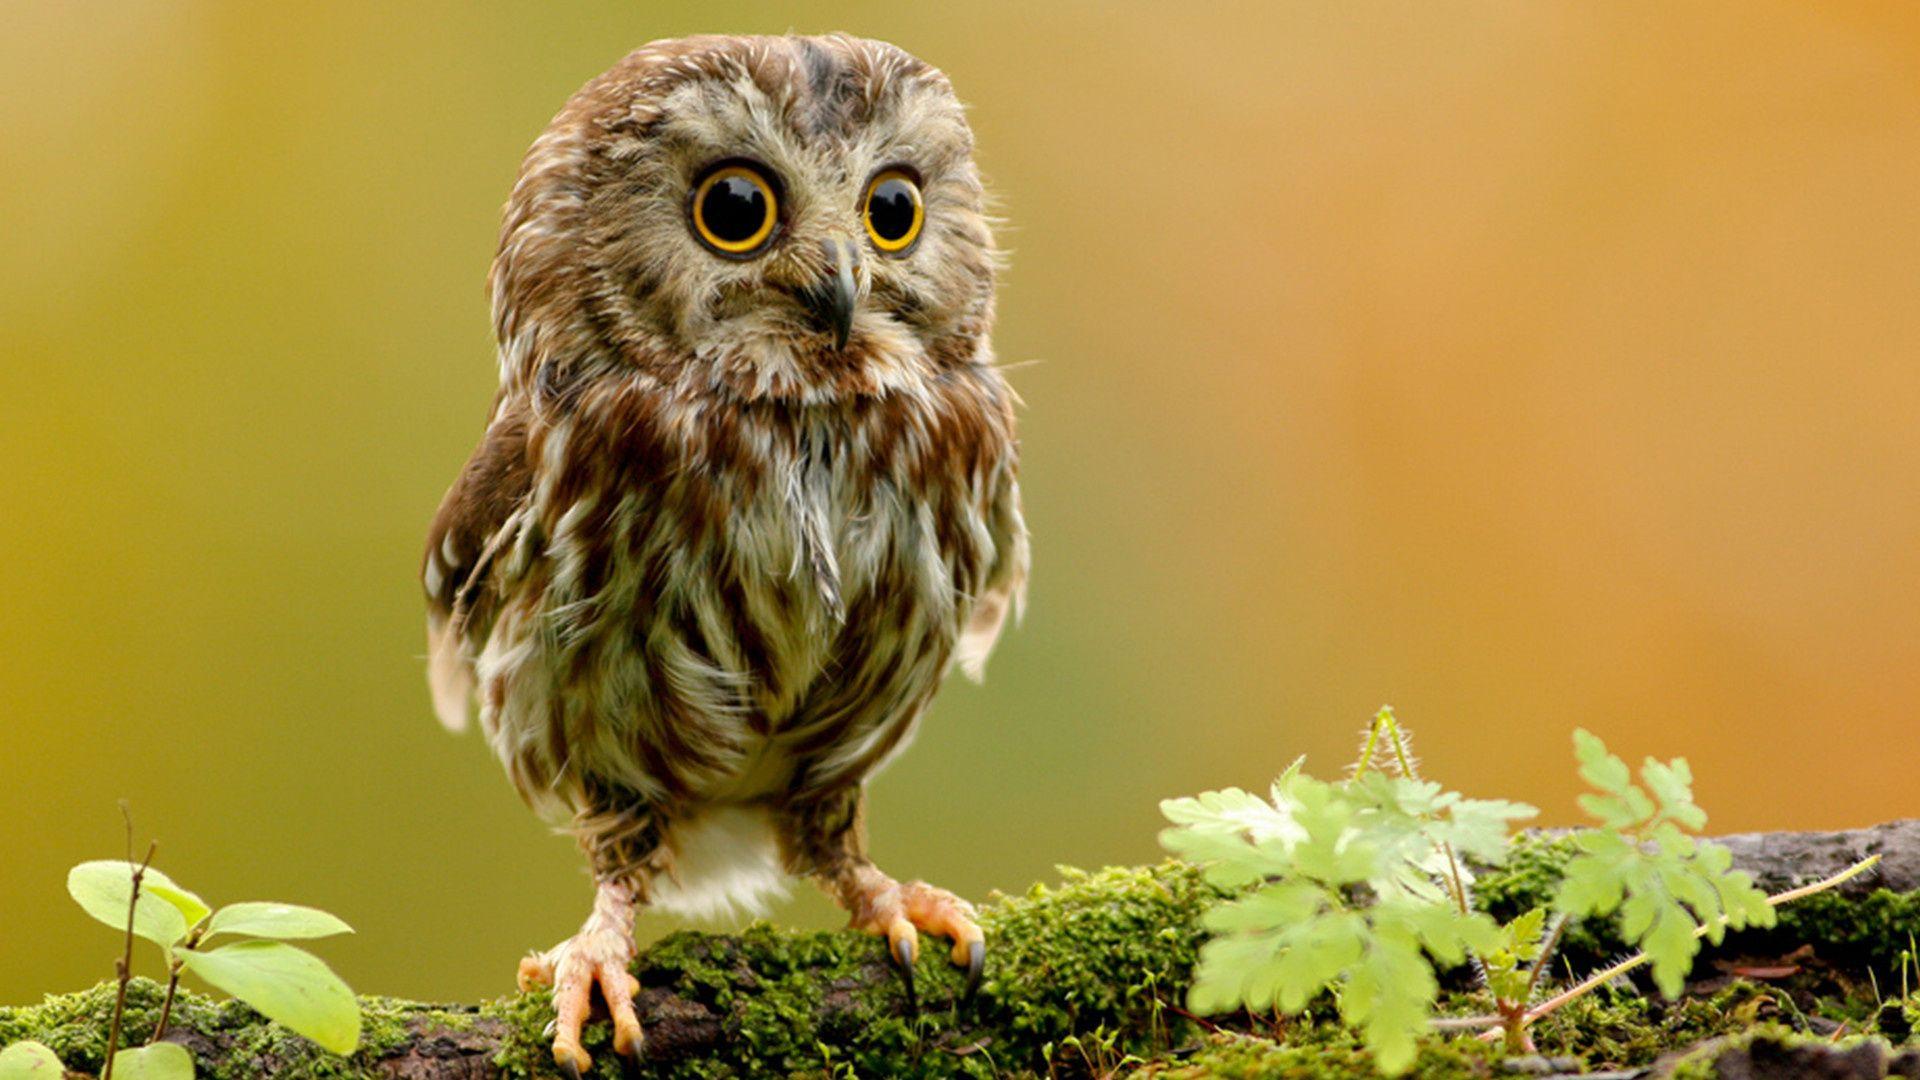 Cute Owls Photos